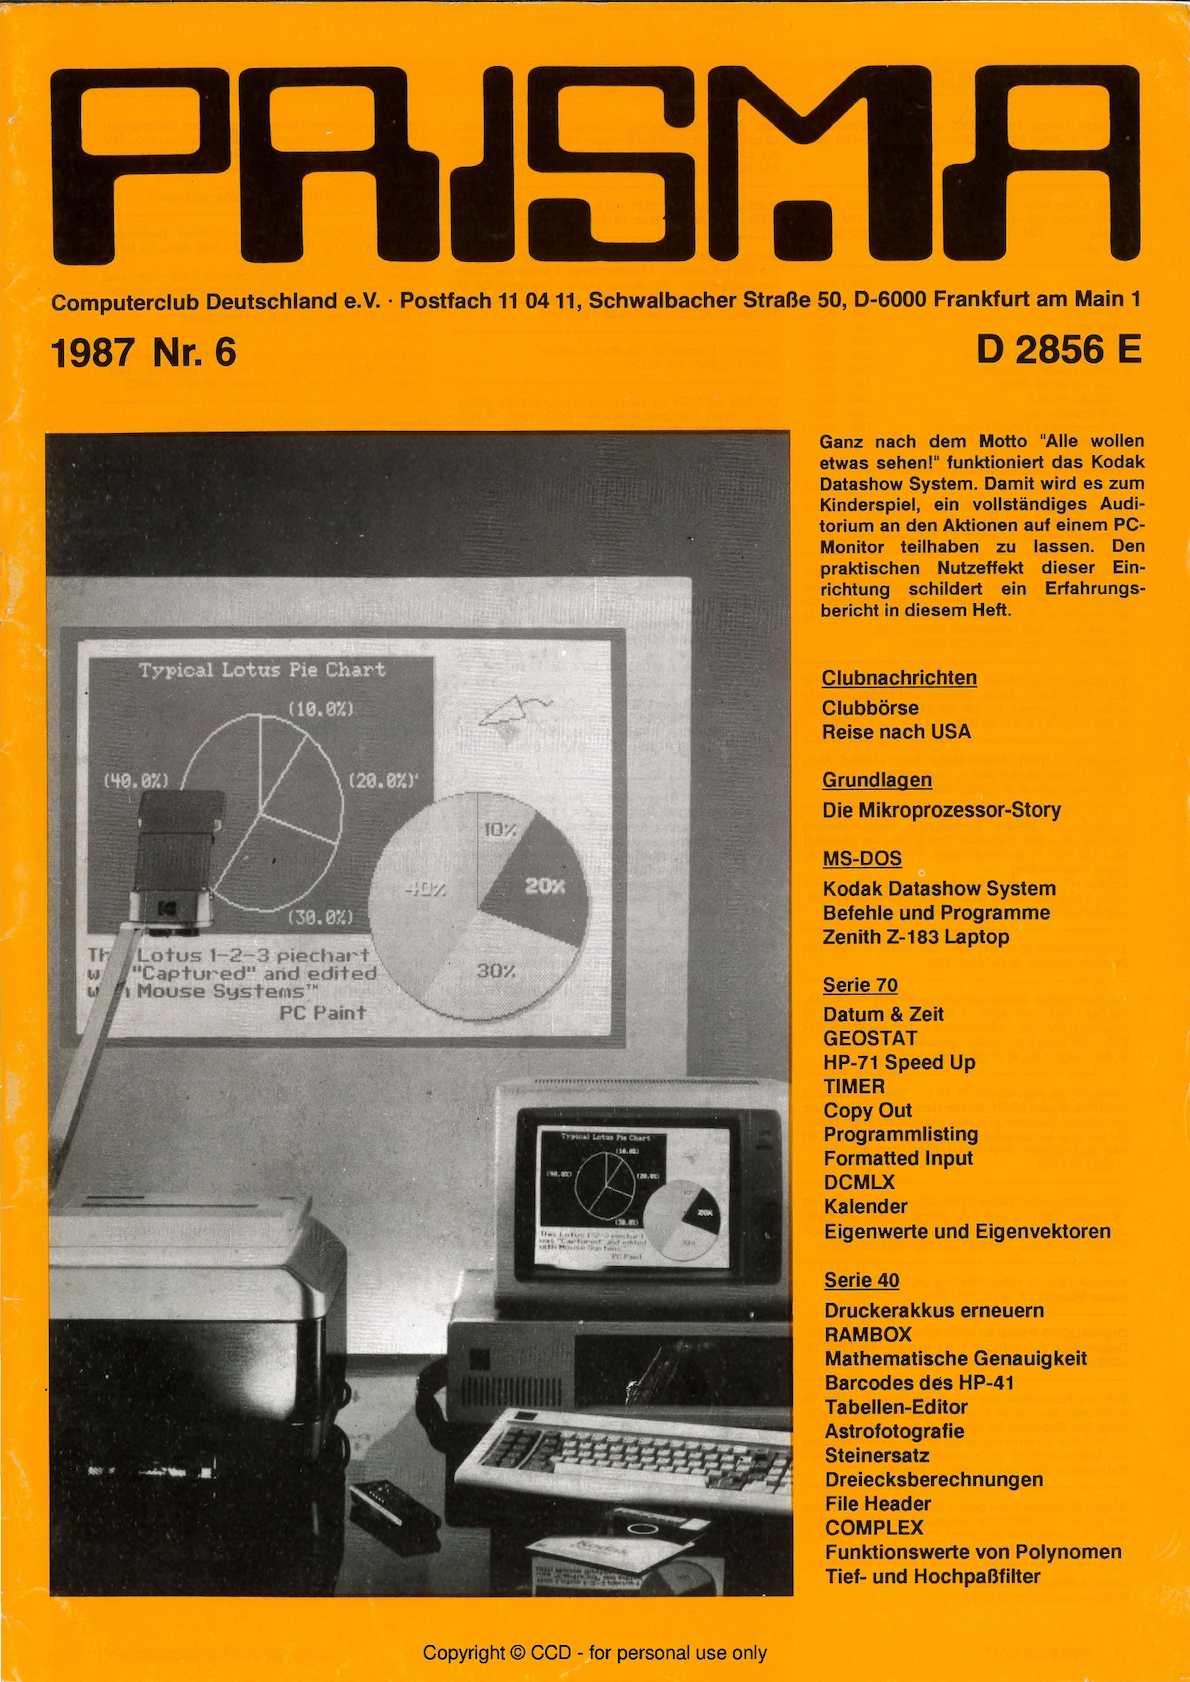 Calaméo - Prisma 1987 Nr 6